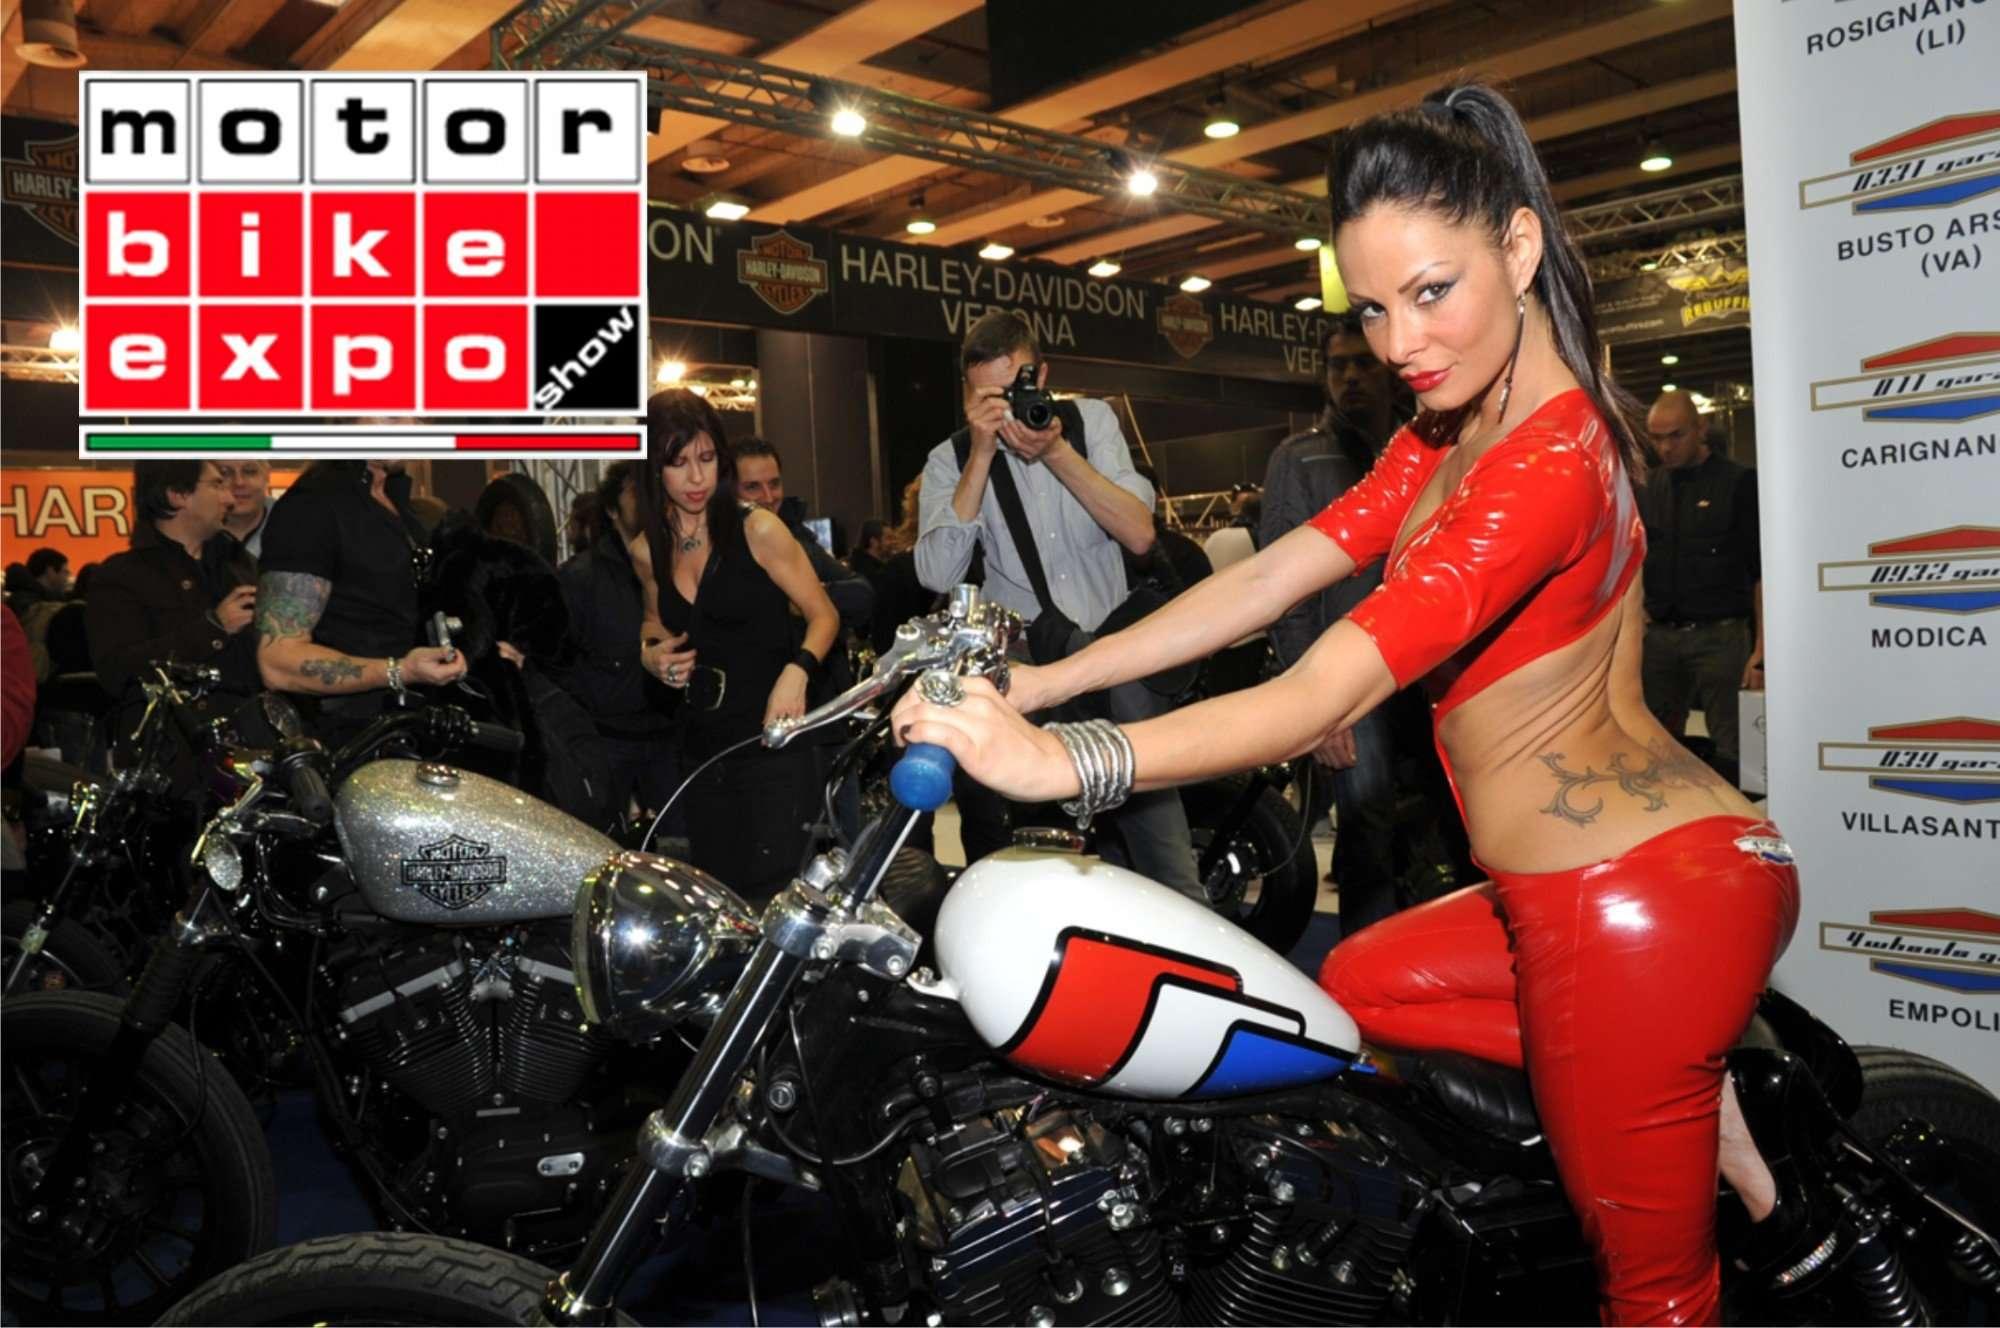 Motor bike expo verona presso la fiera di verona dal 23 for Fiera di verona